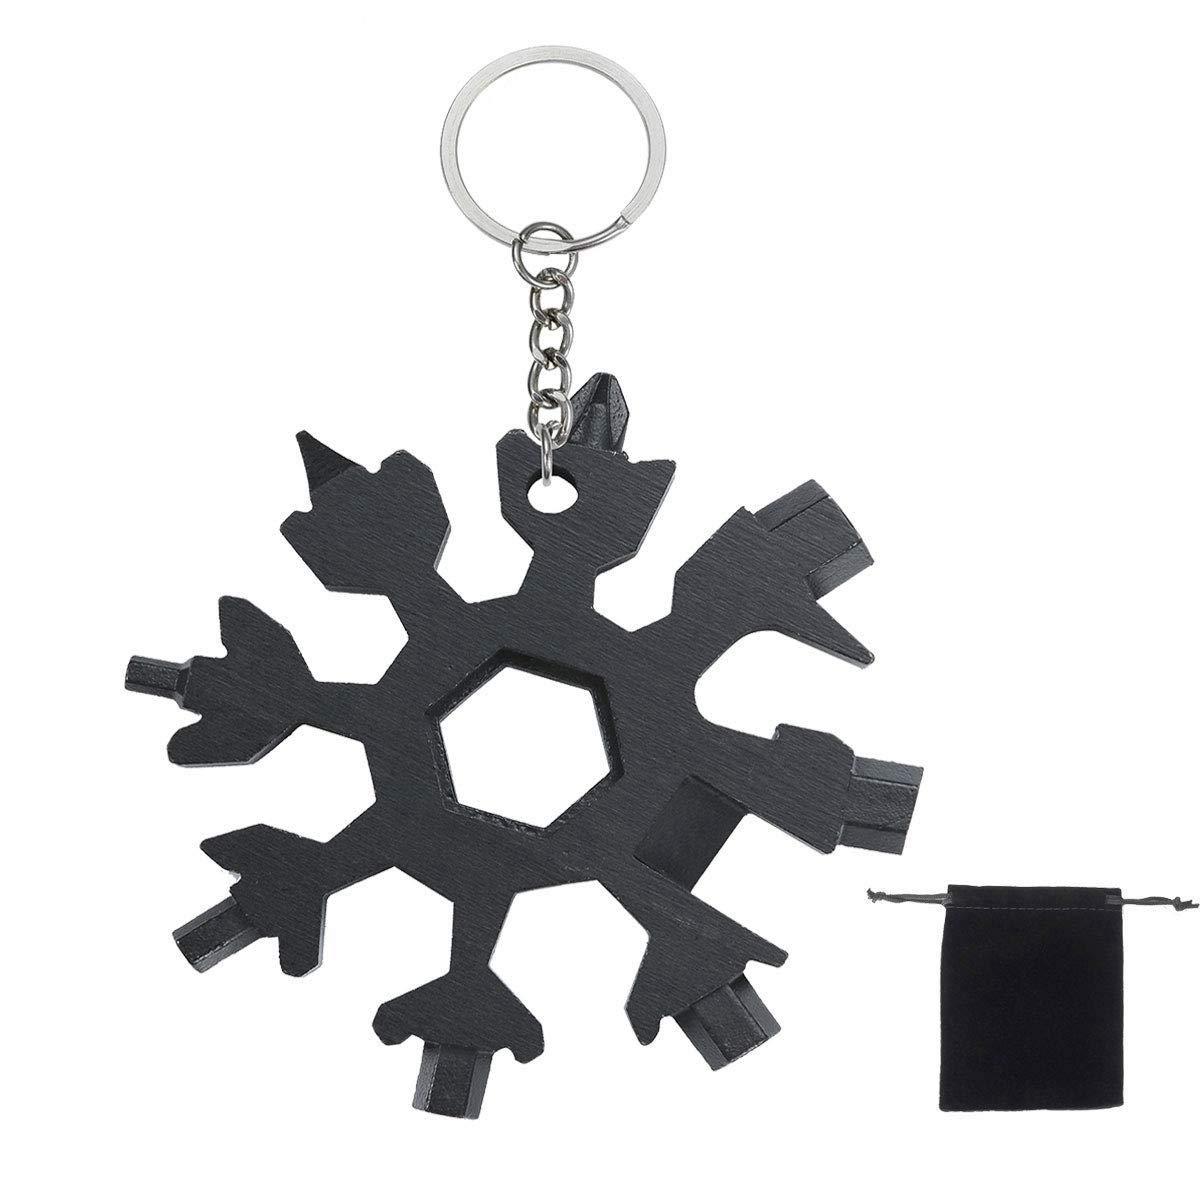 Lomio 18-en-1 multi-herramienta copo de combinada, acero inoxidable llavero + bolsa de tela negro portátil (Negro), especialmente para deportes al ...